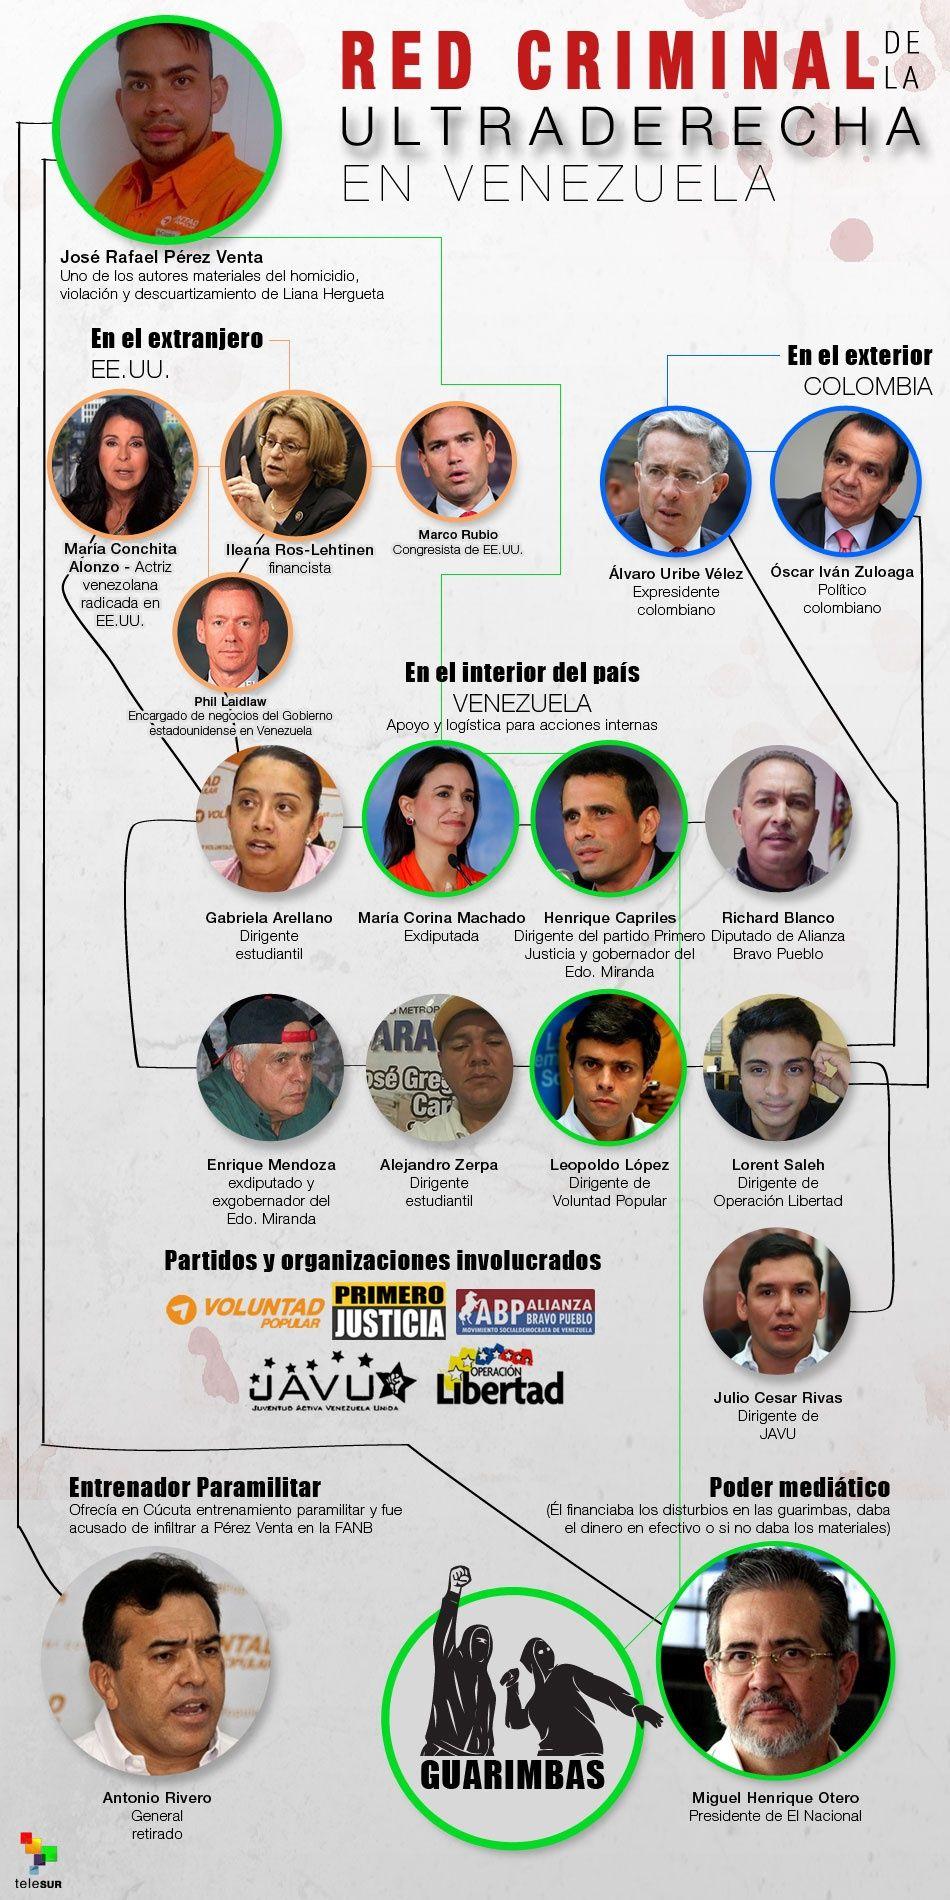 Red criminal de la ultraderecha en Venezuela